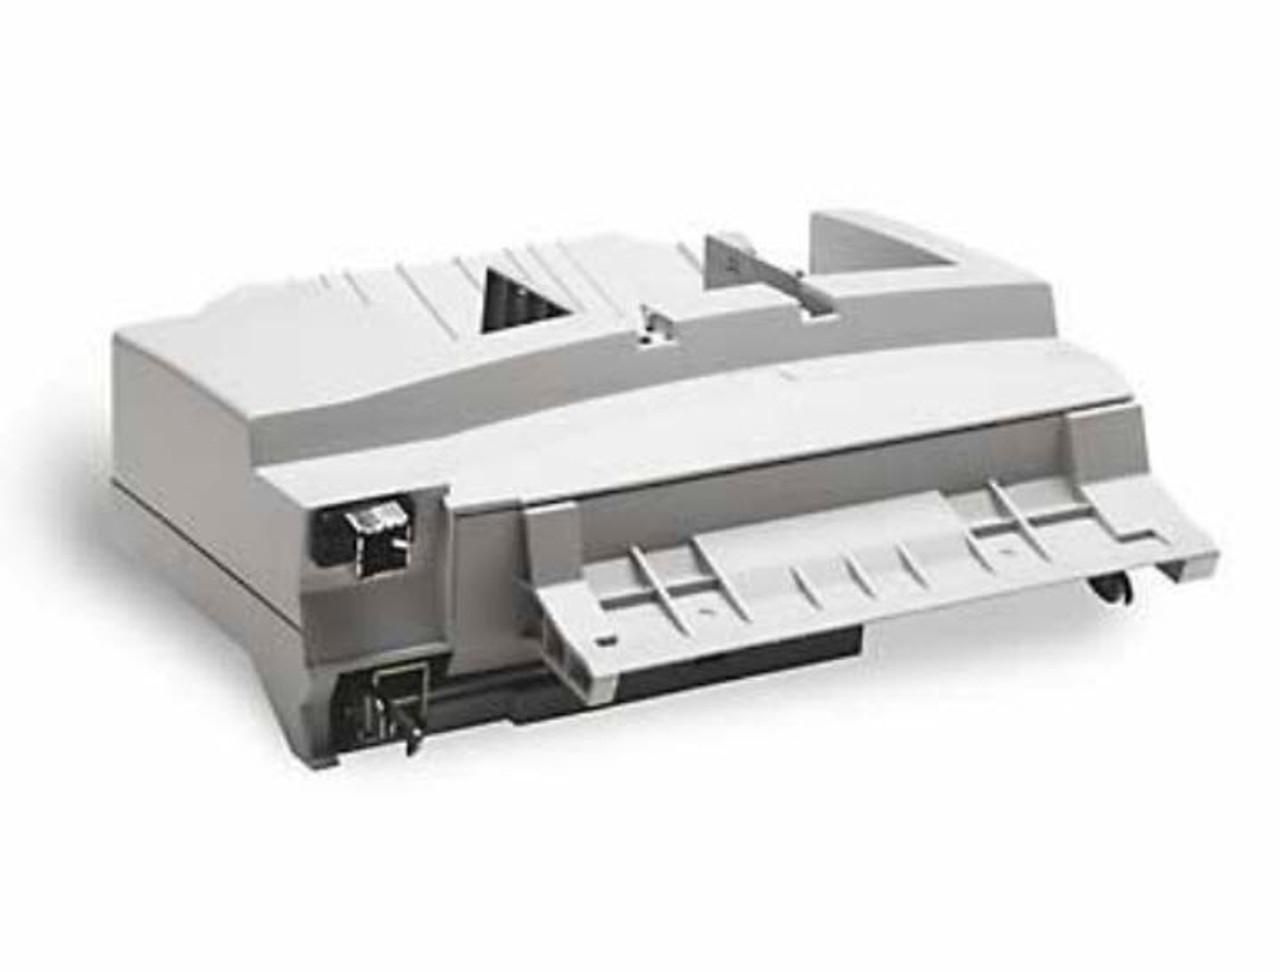 HP Envelope Feeder for the LaserJet 4000 4050 4100